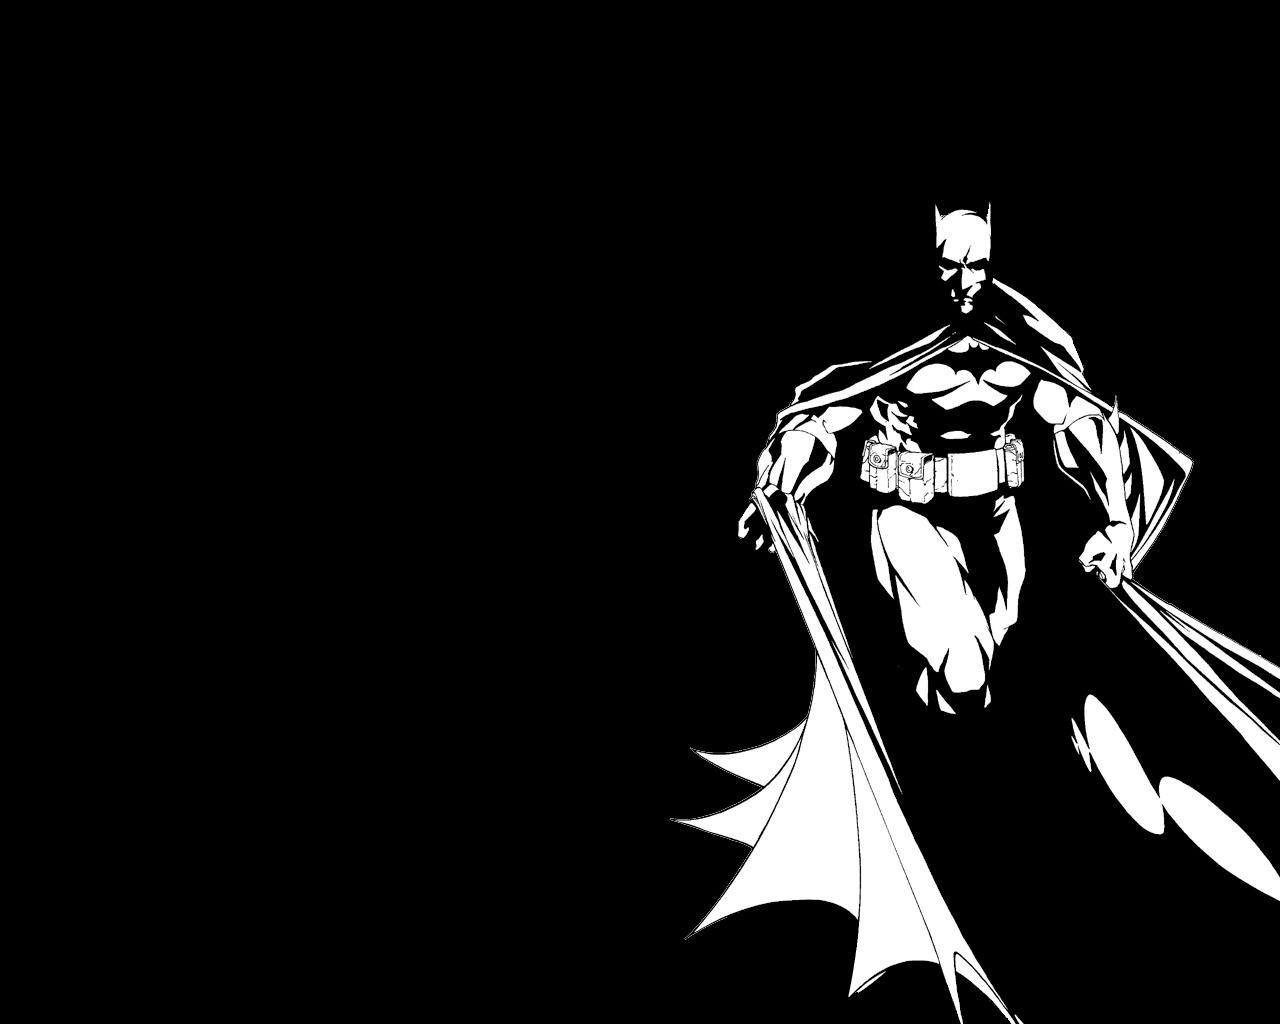 Pure Black Wallpapers Batman Comic Wallpaper Batman Wallpaper